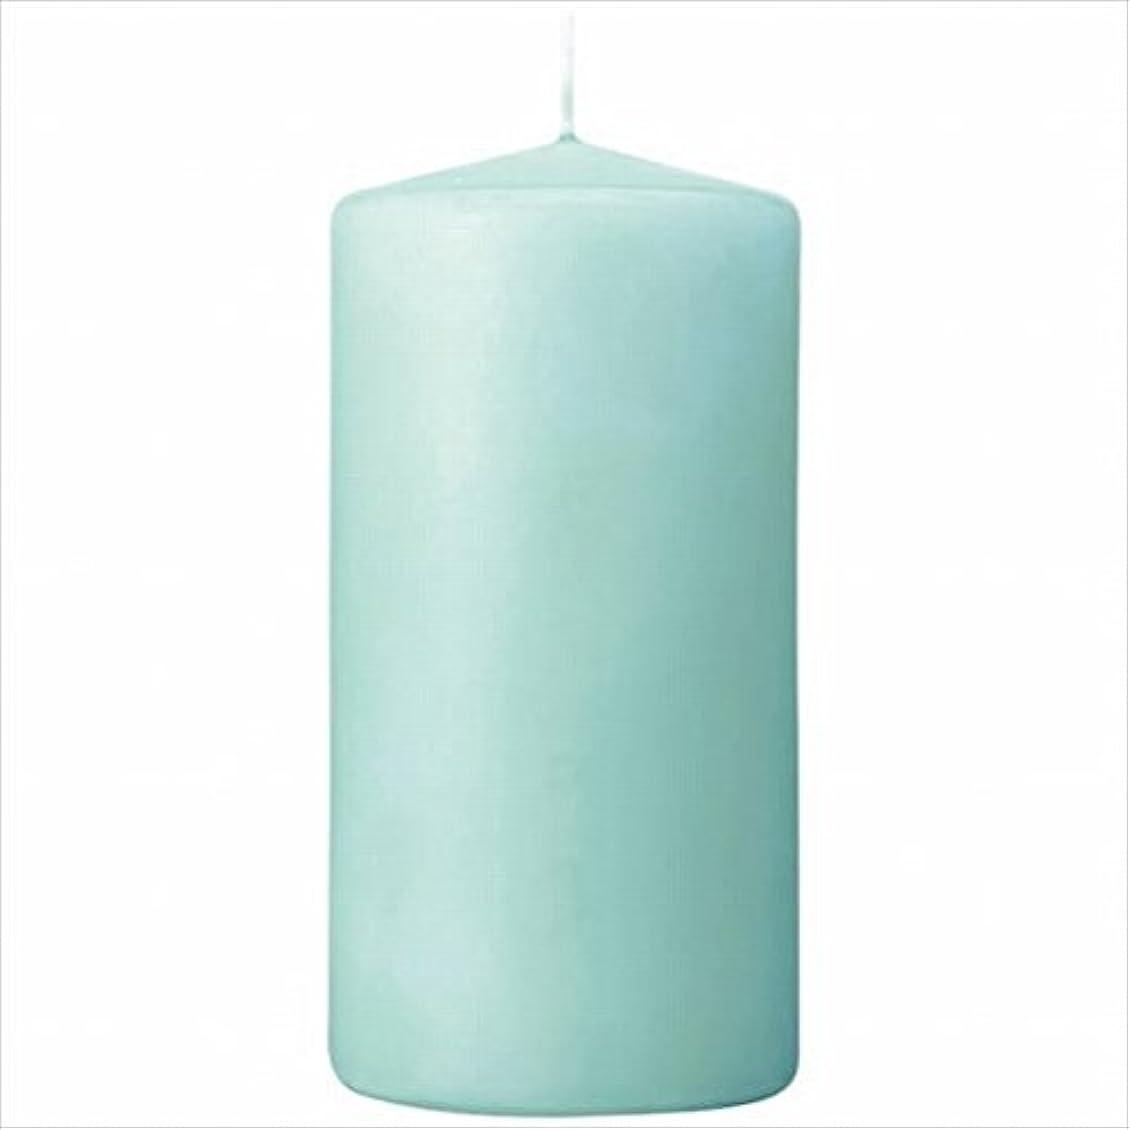 プライバシー決定的繊毛カメヤマキャンドル(kameyama candle) 3×6ベルトップピラーキャンドル 「 ライトブルー 」